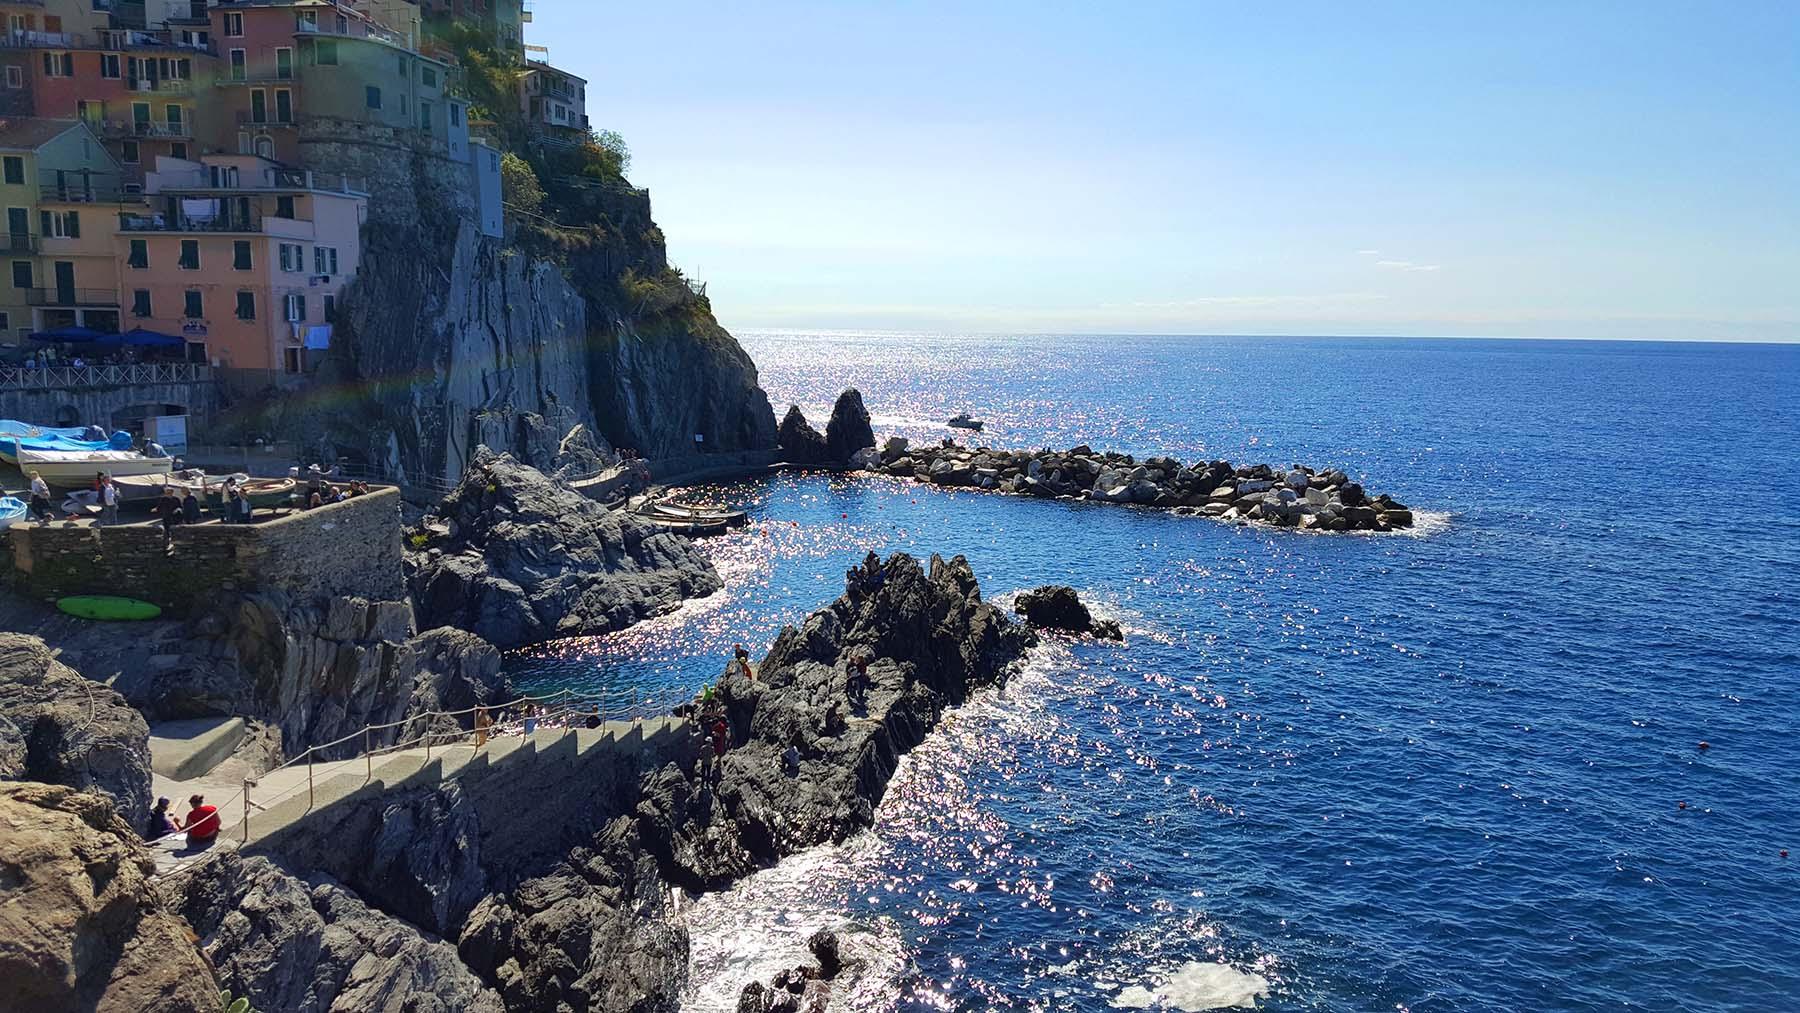 O que visitar em 1 dia em Cinque Terre, Itália